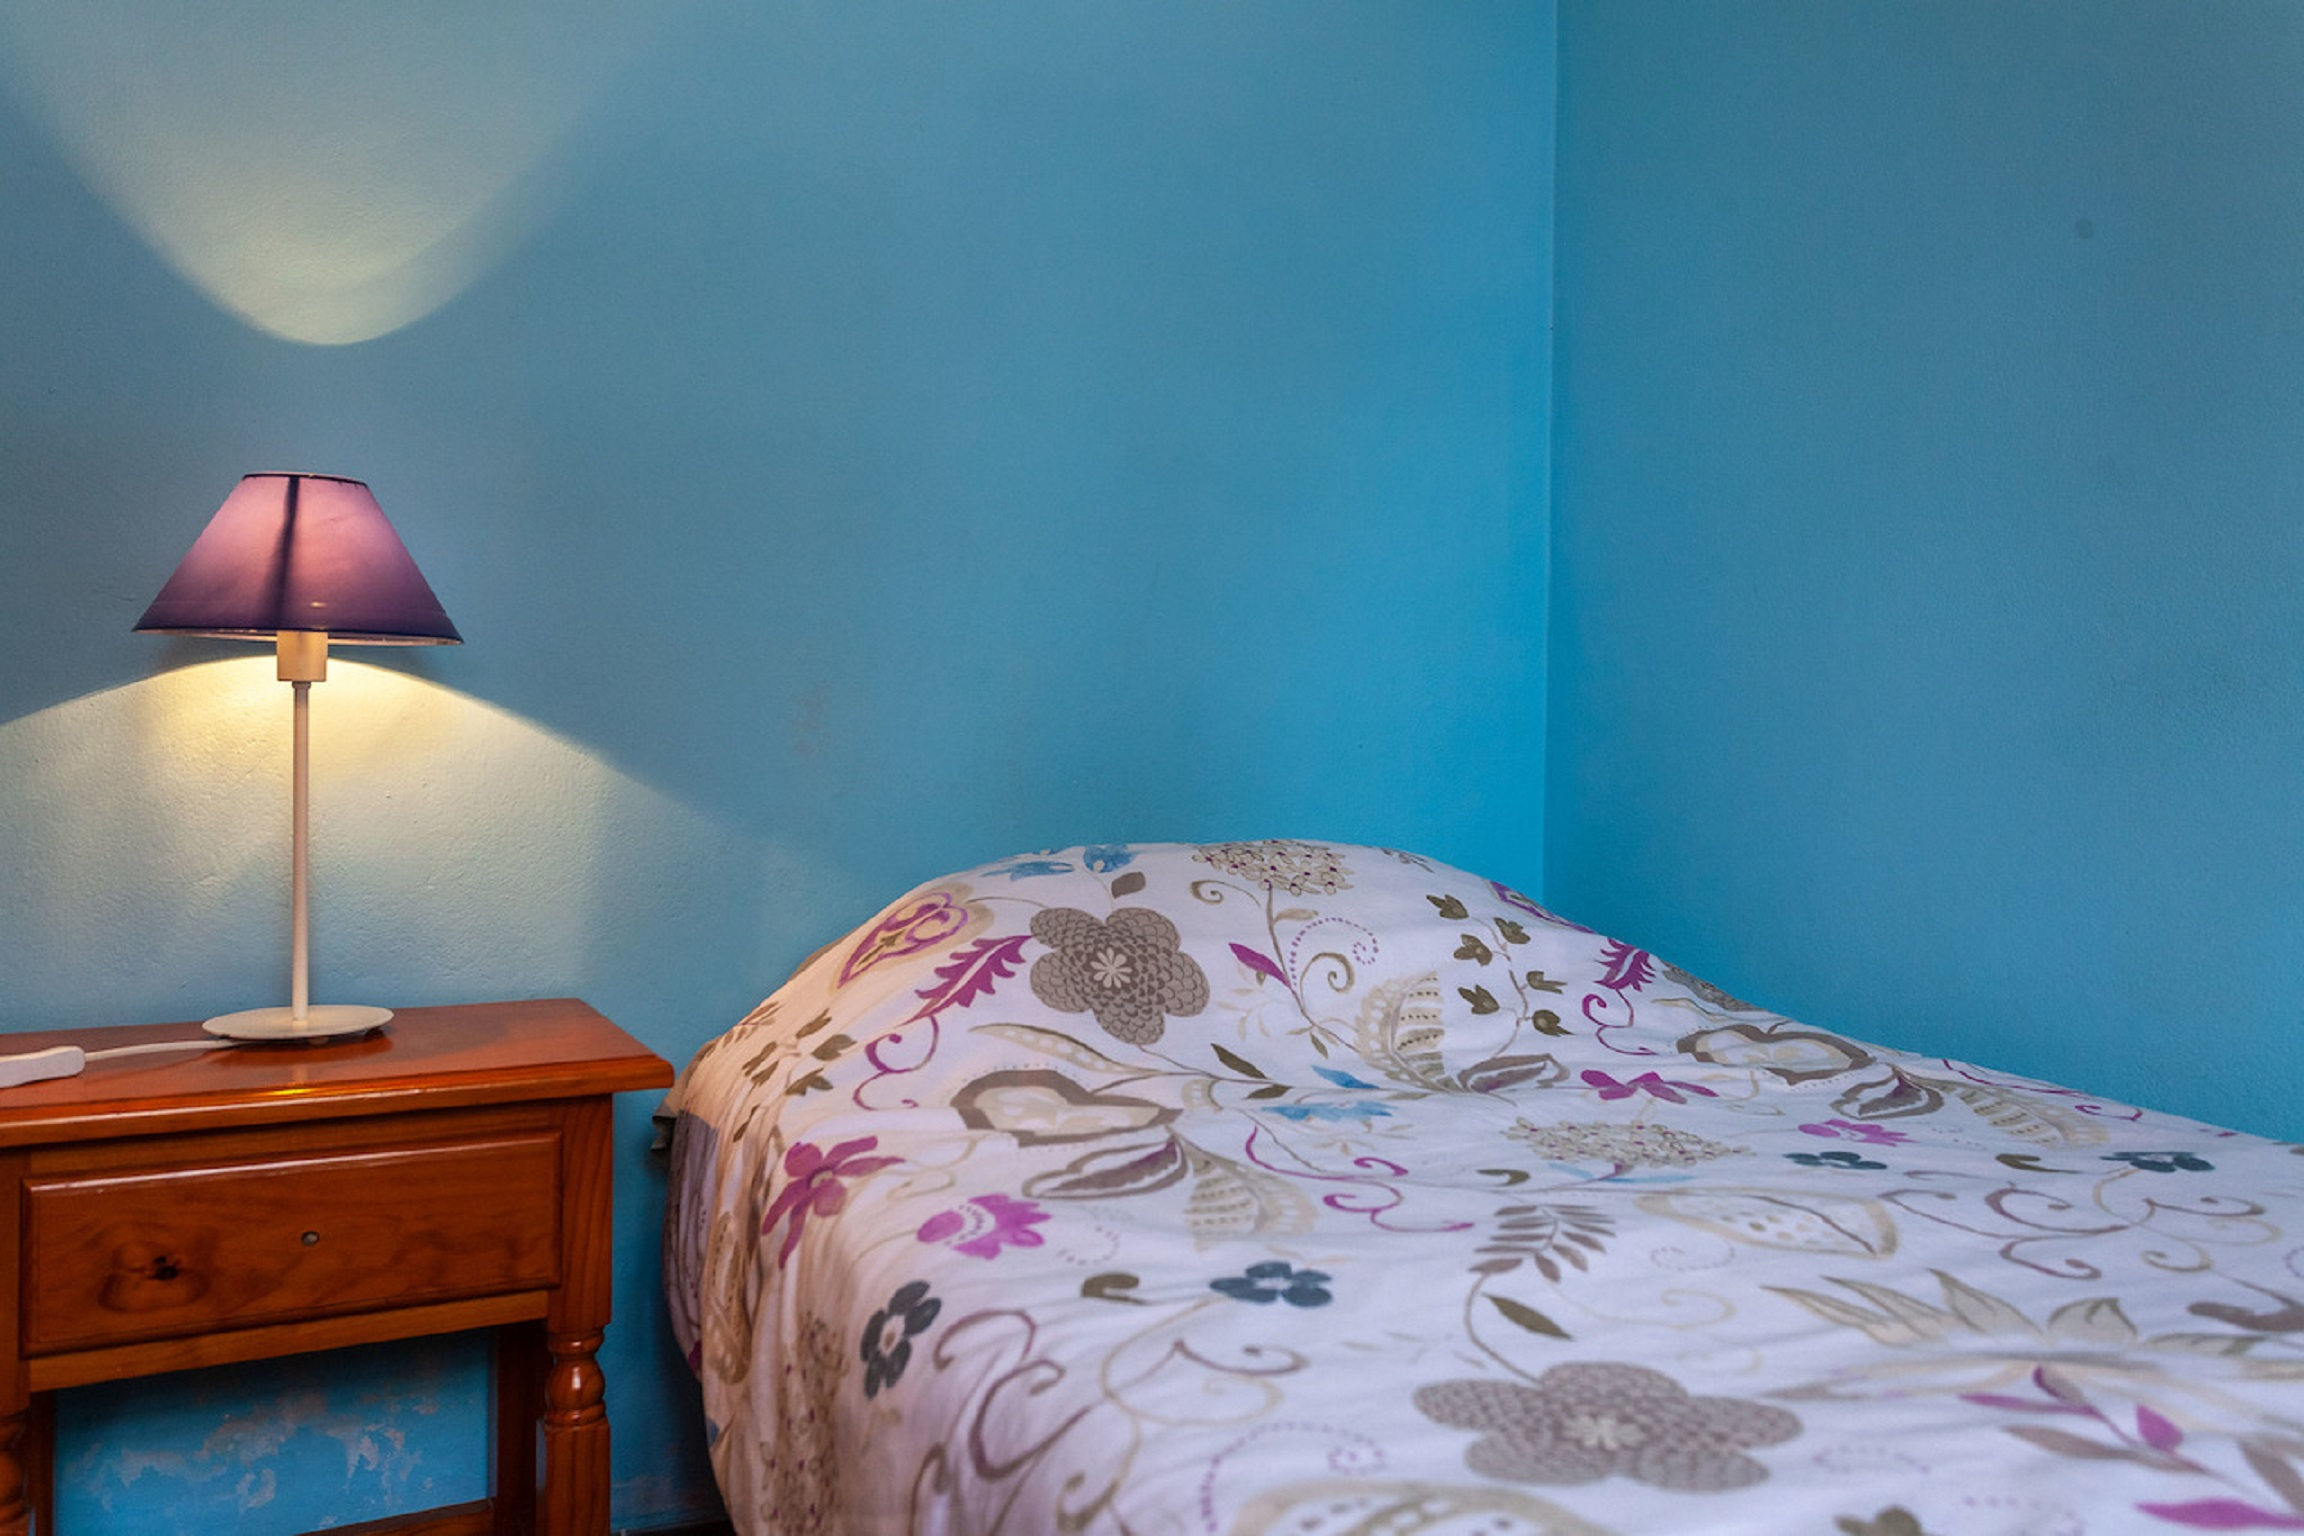 Ferienwohnung Apartment in Strandnhe mit groer Terrasse, Wlan und Parkplatz (2628896), Costa Calma, Fuerteventura, Kanarische Inseln, Spanien, Bild 22